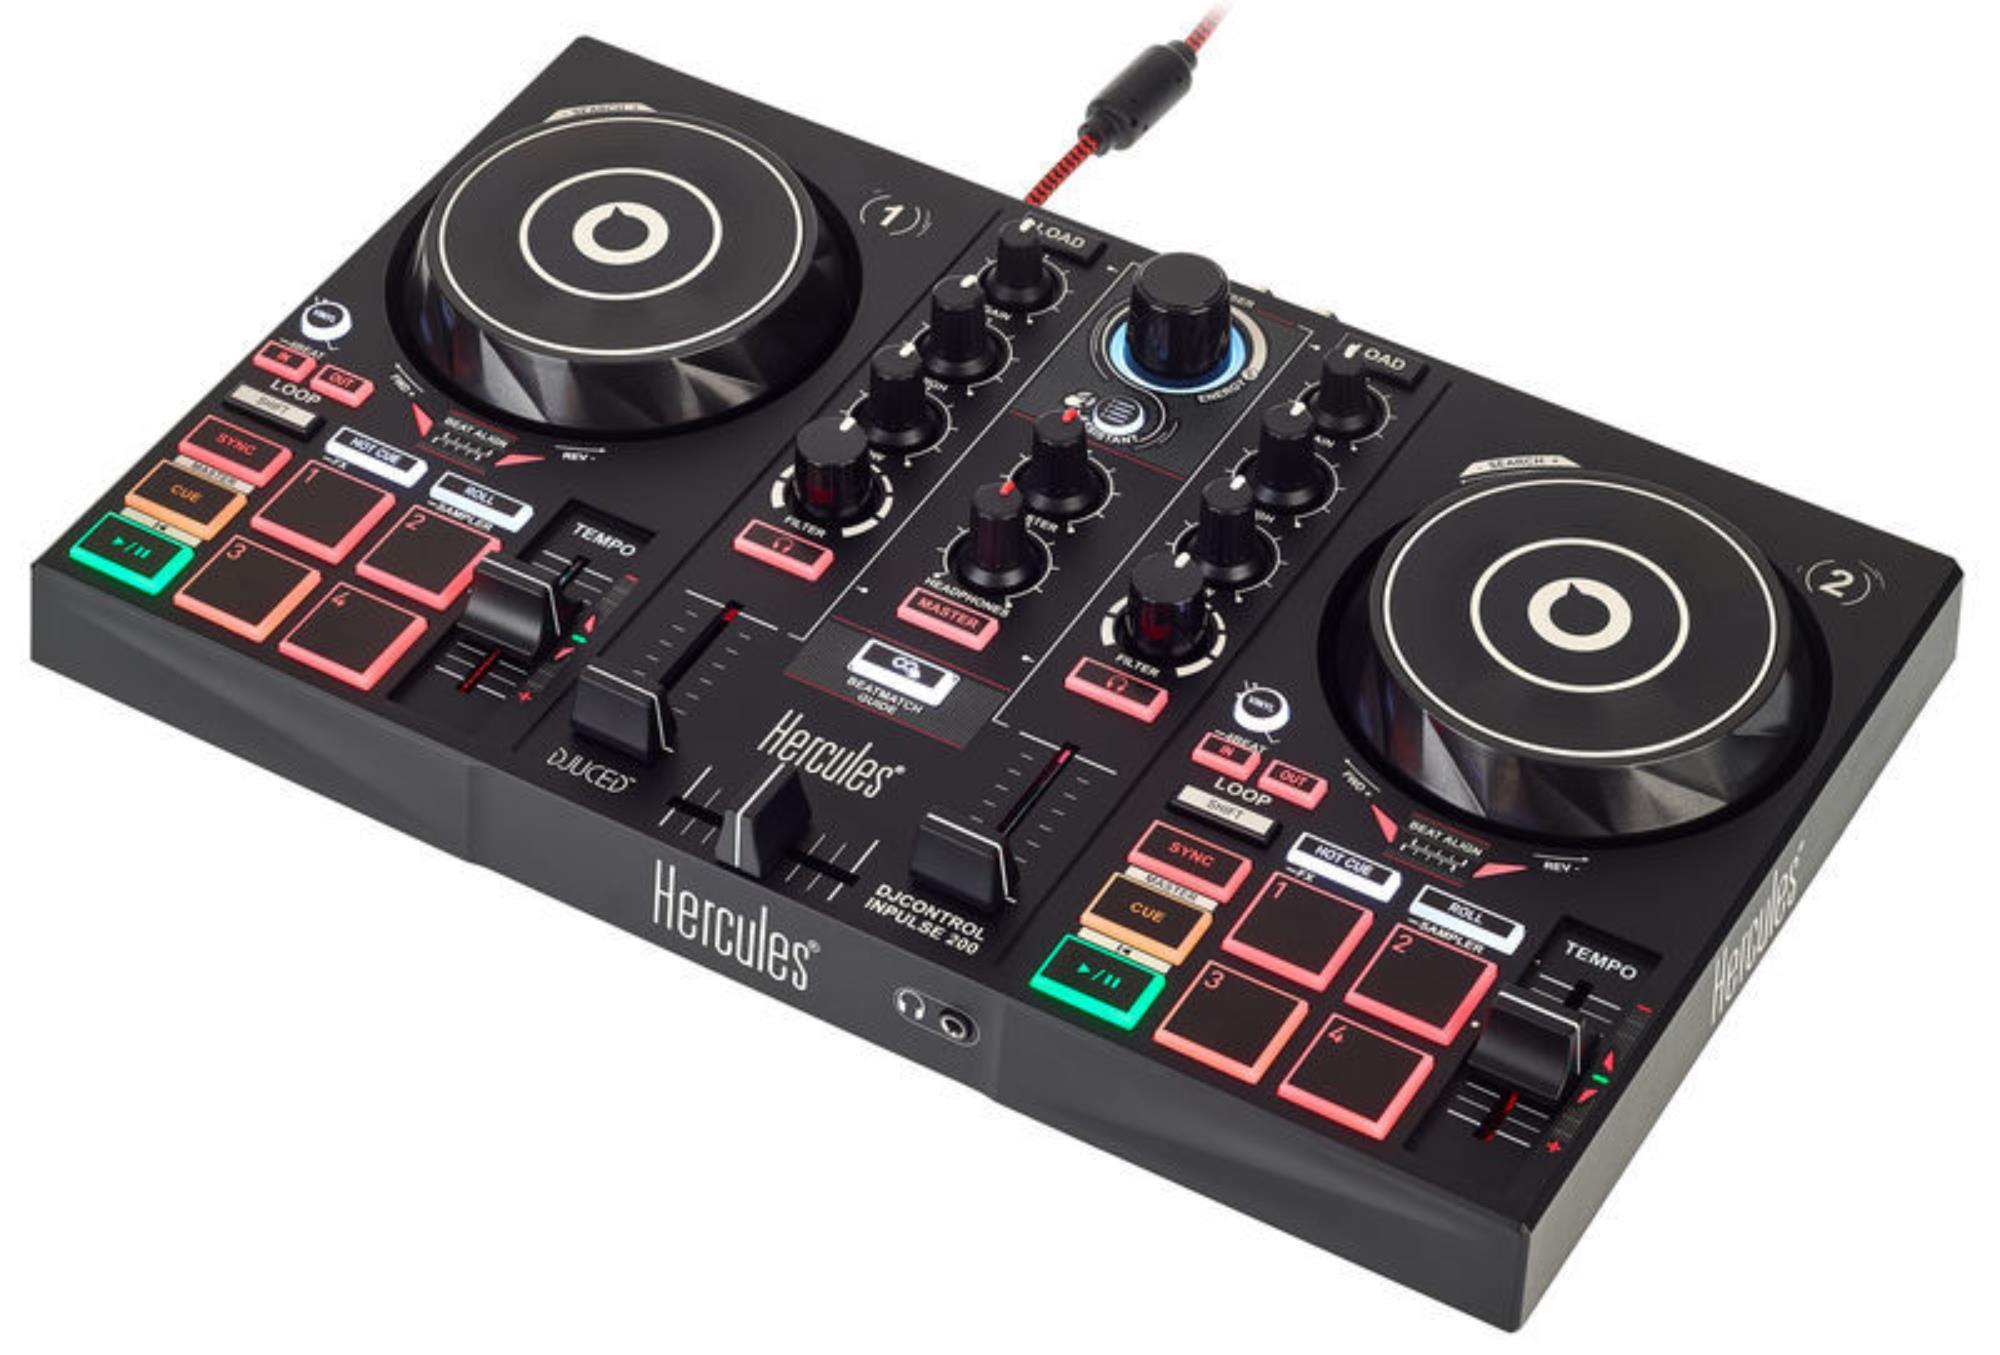 HERCULES-INPULSE-200-DJ-CONTROL-sku-24573